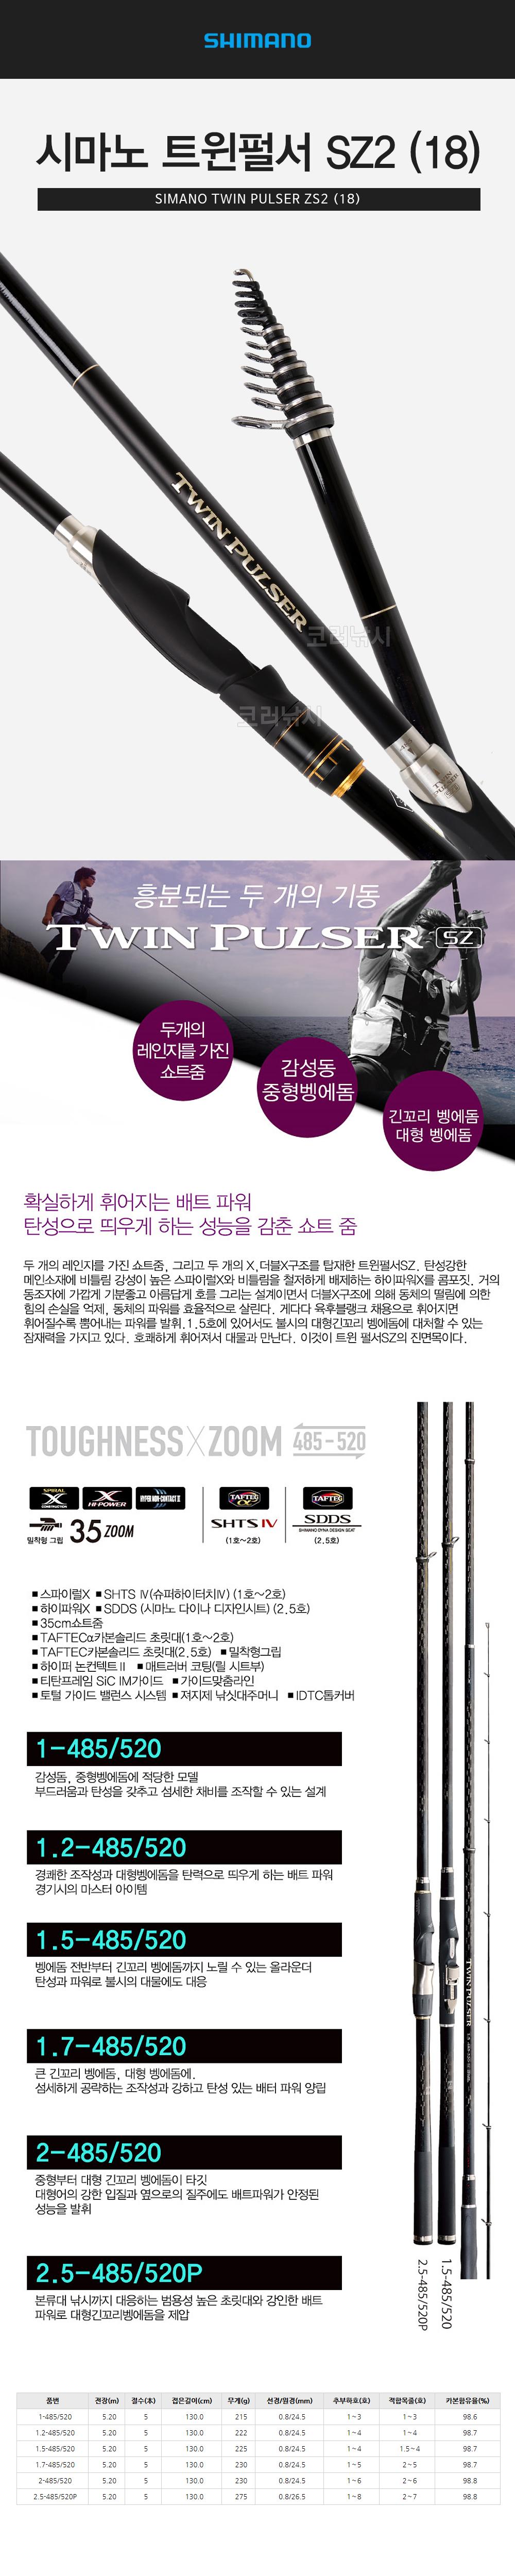 시마노 트윈펄서 SZ2 (18) 갯바위 줌 낚시대 윤성정품